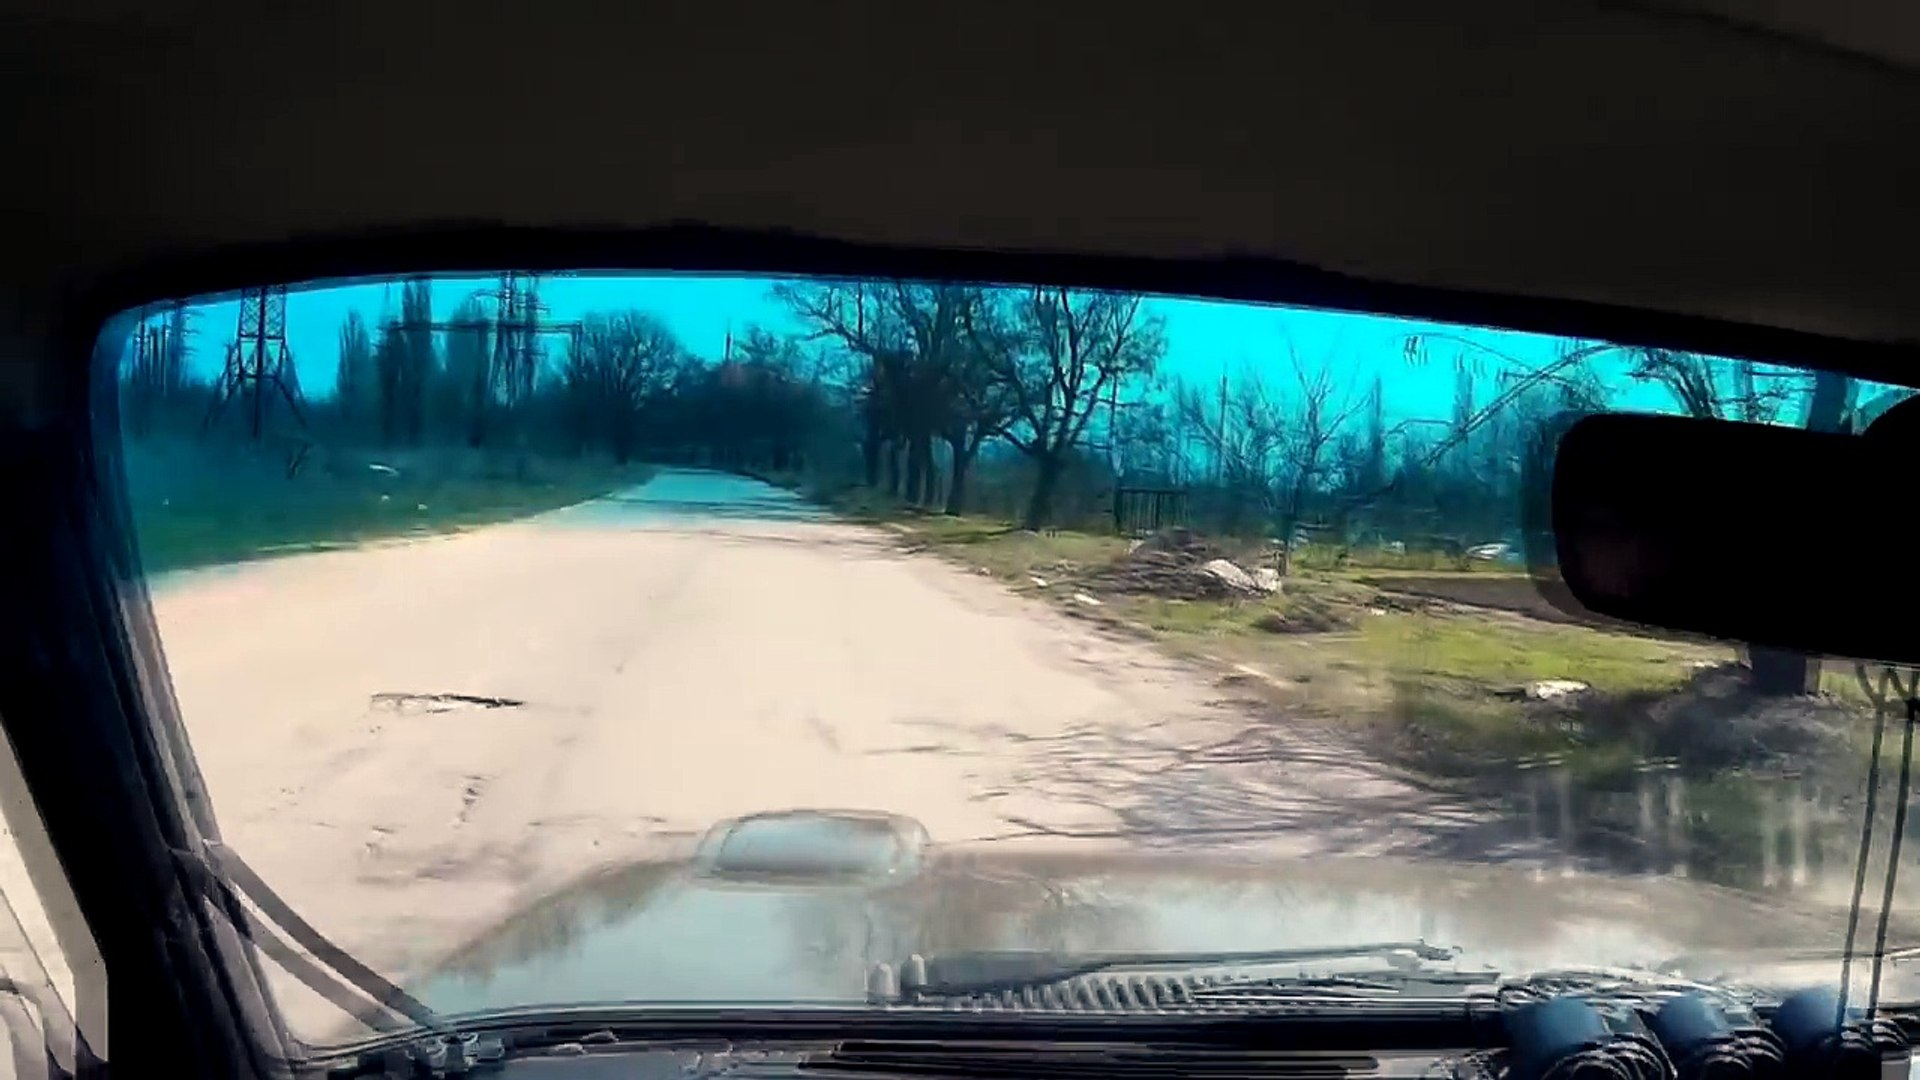 Как Объезжать Ямы на Дороге   Как Почувствовать Габариты Автомобиля - Видеоурок Вождения #16